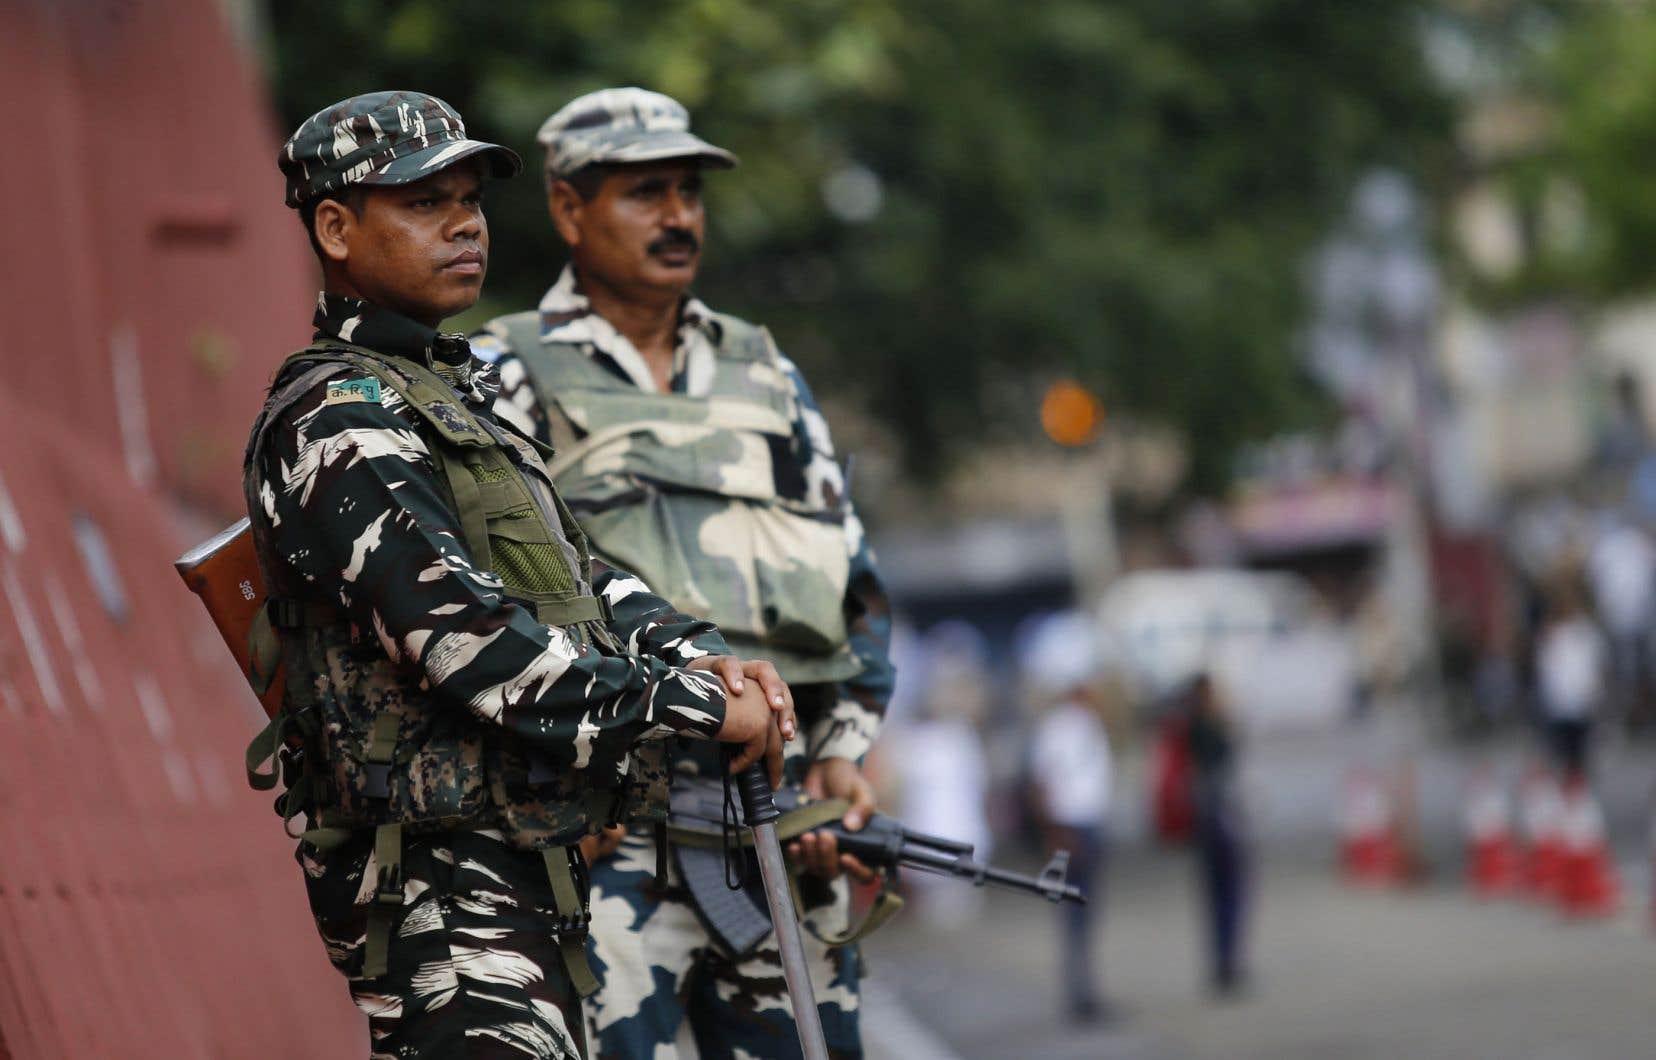 Des membres des forces indiennes surveillent les préparatifs des festivités du Jour de l'indépendance à Jammu.